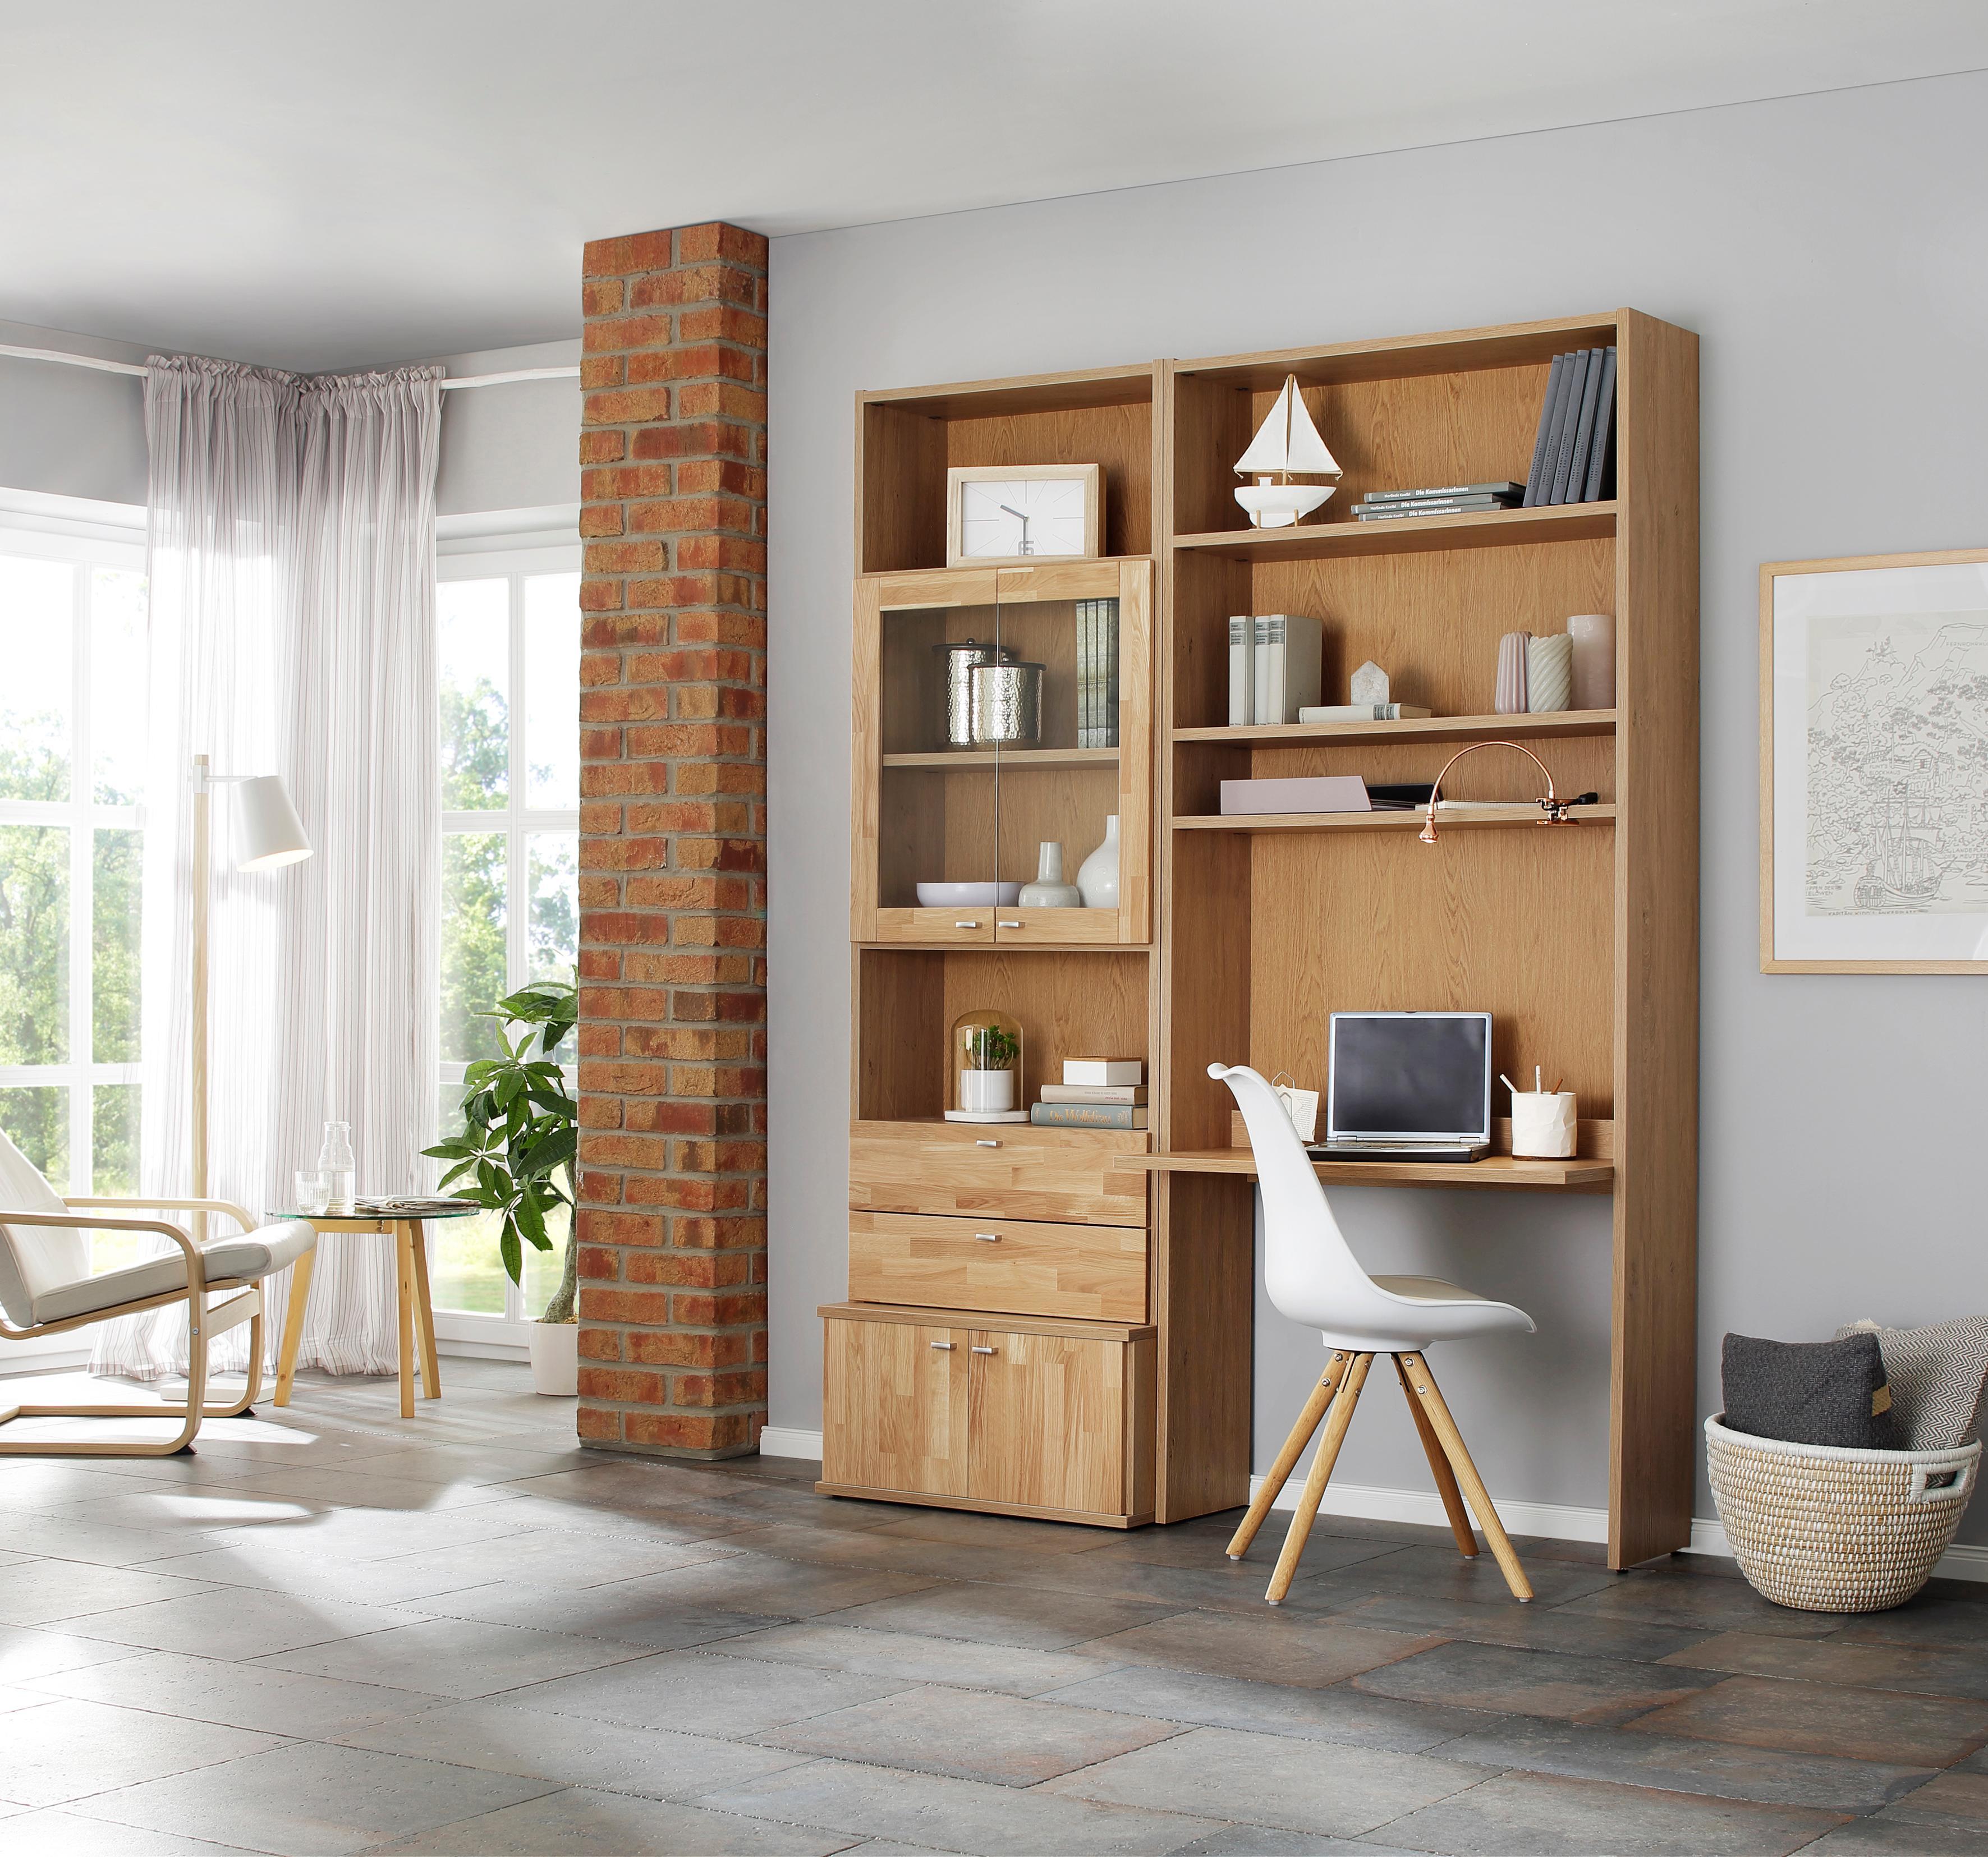 braun abs b cherregale online kaufen m bel suchmaschine. Black Bedroom Furniture Sets. Home Design Ideas